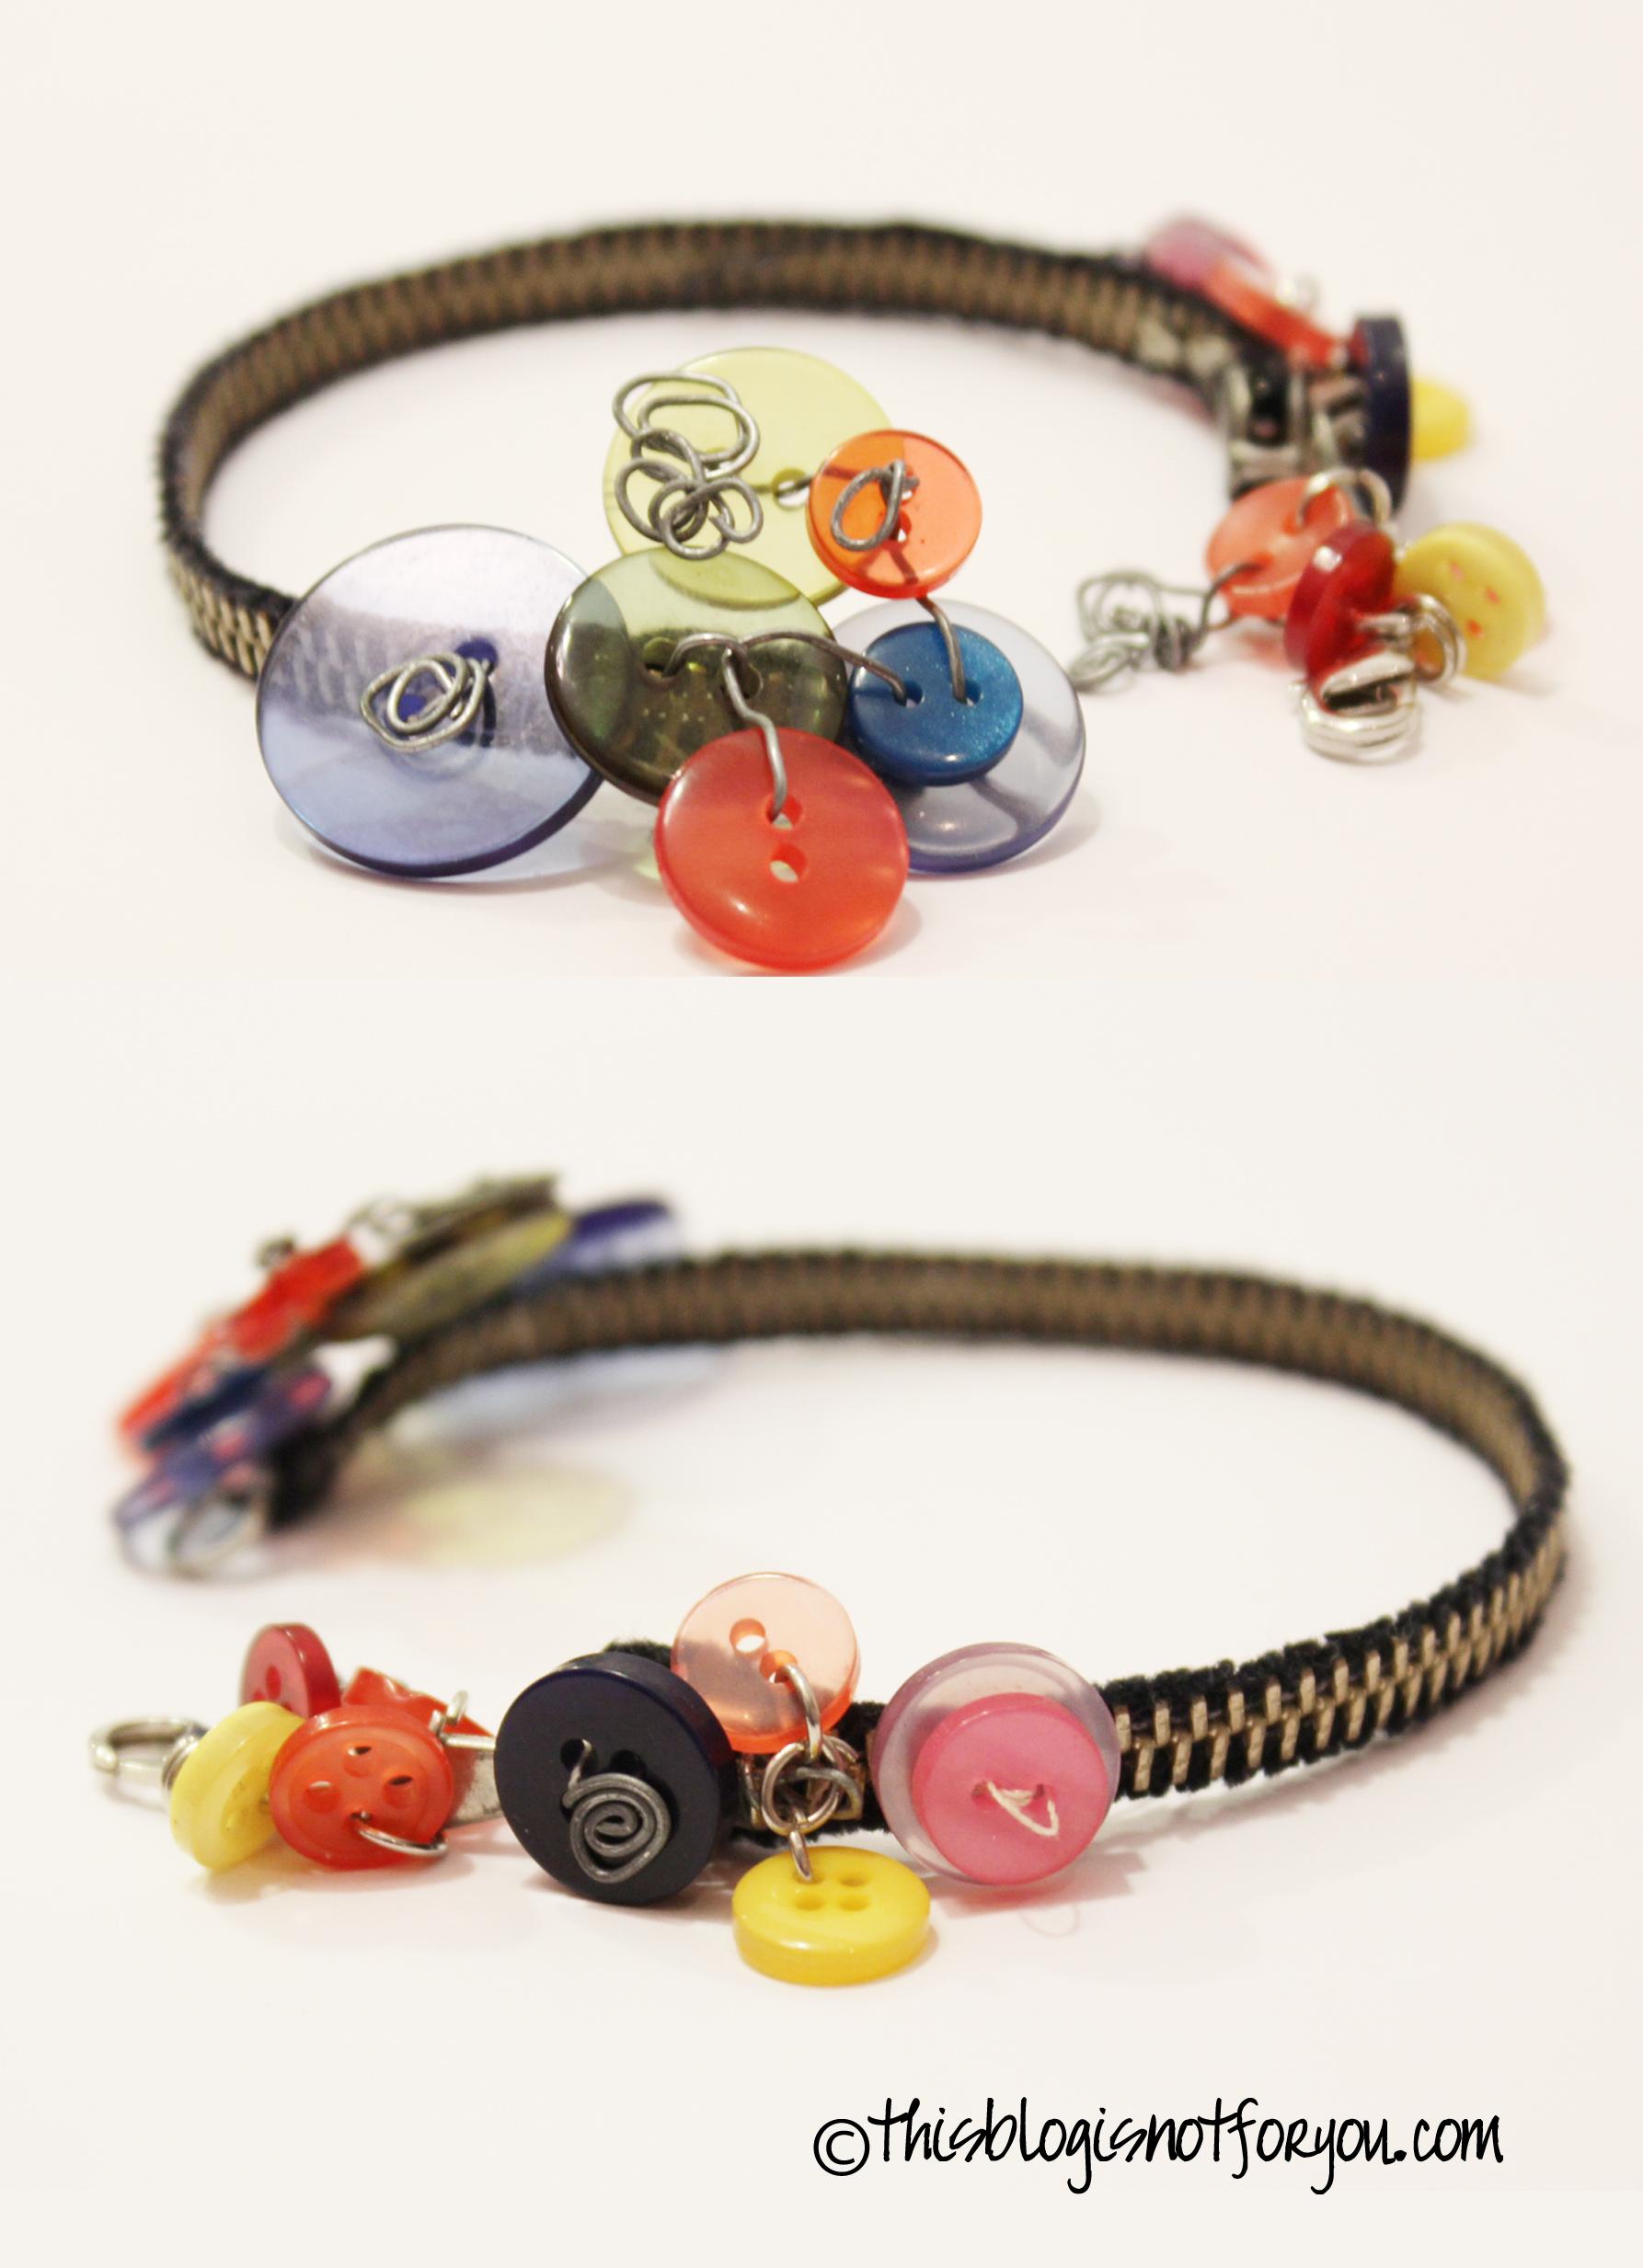 Zipper and Buttons Bracelet